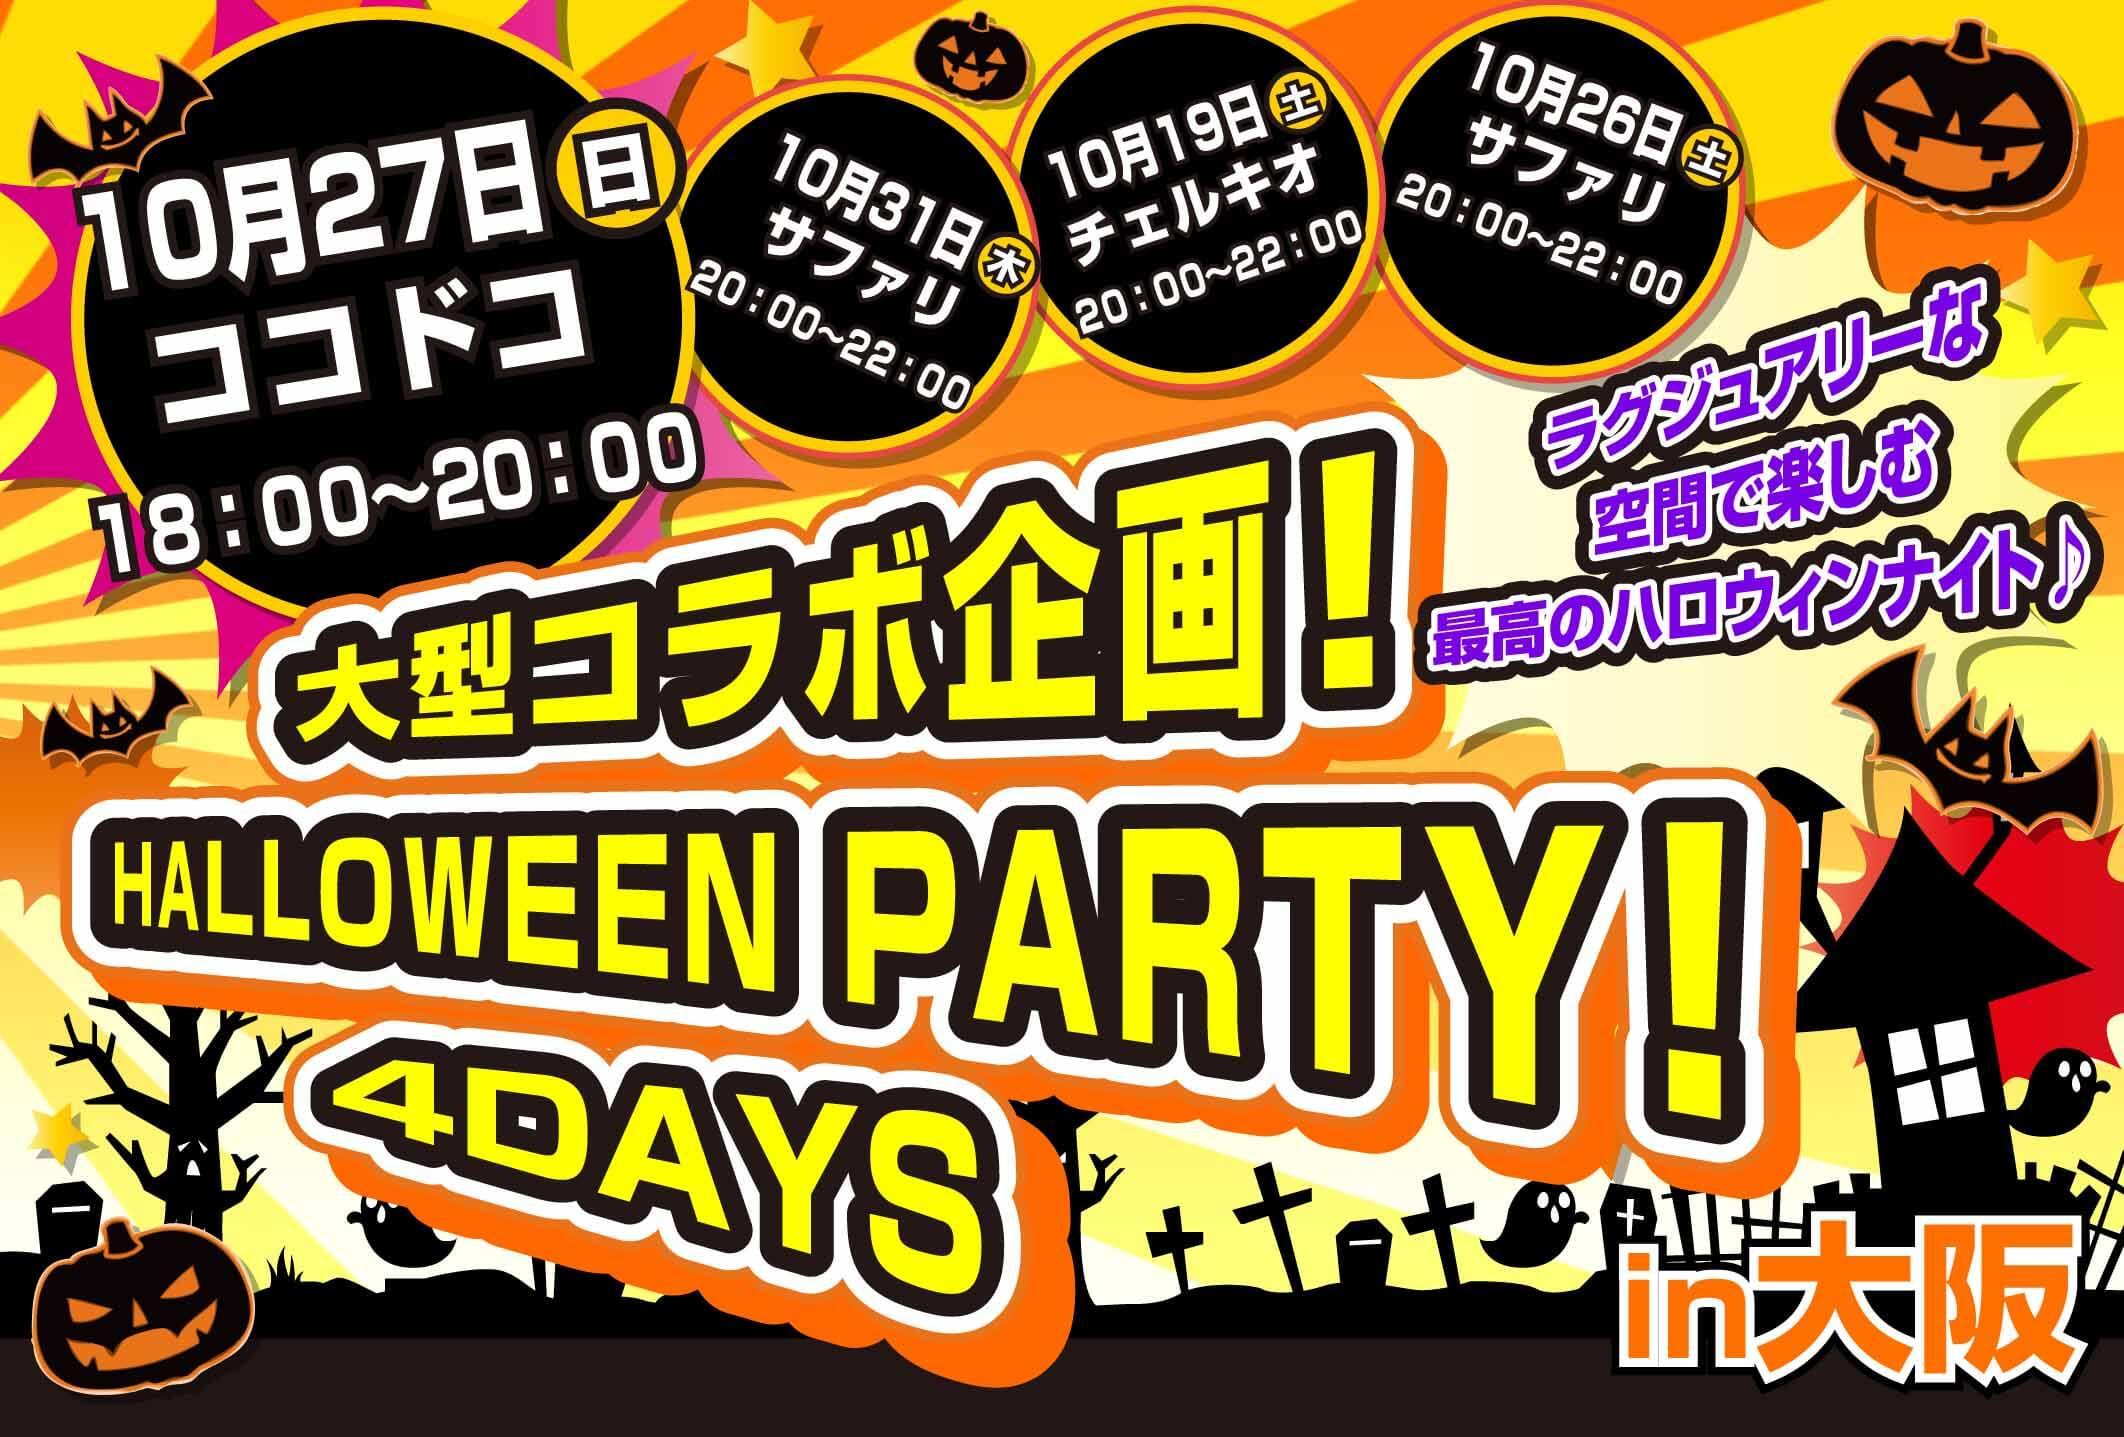 大規模ハロウィンパーティー★梅田